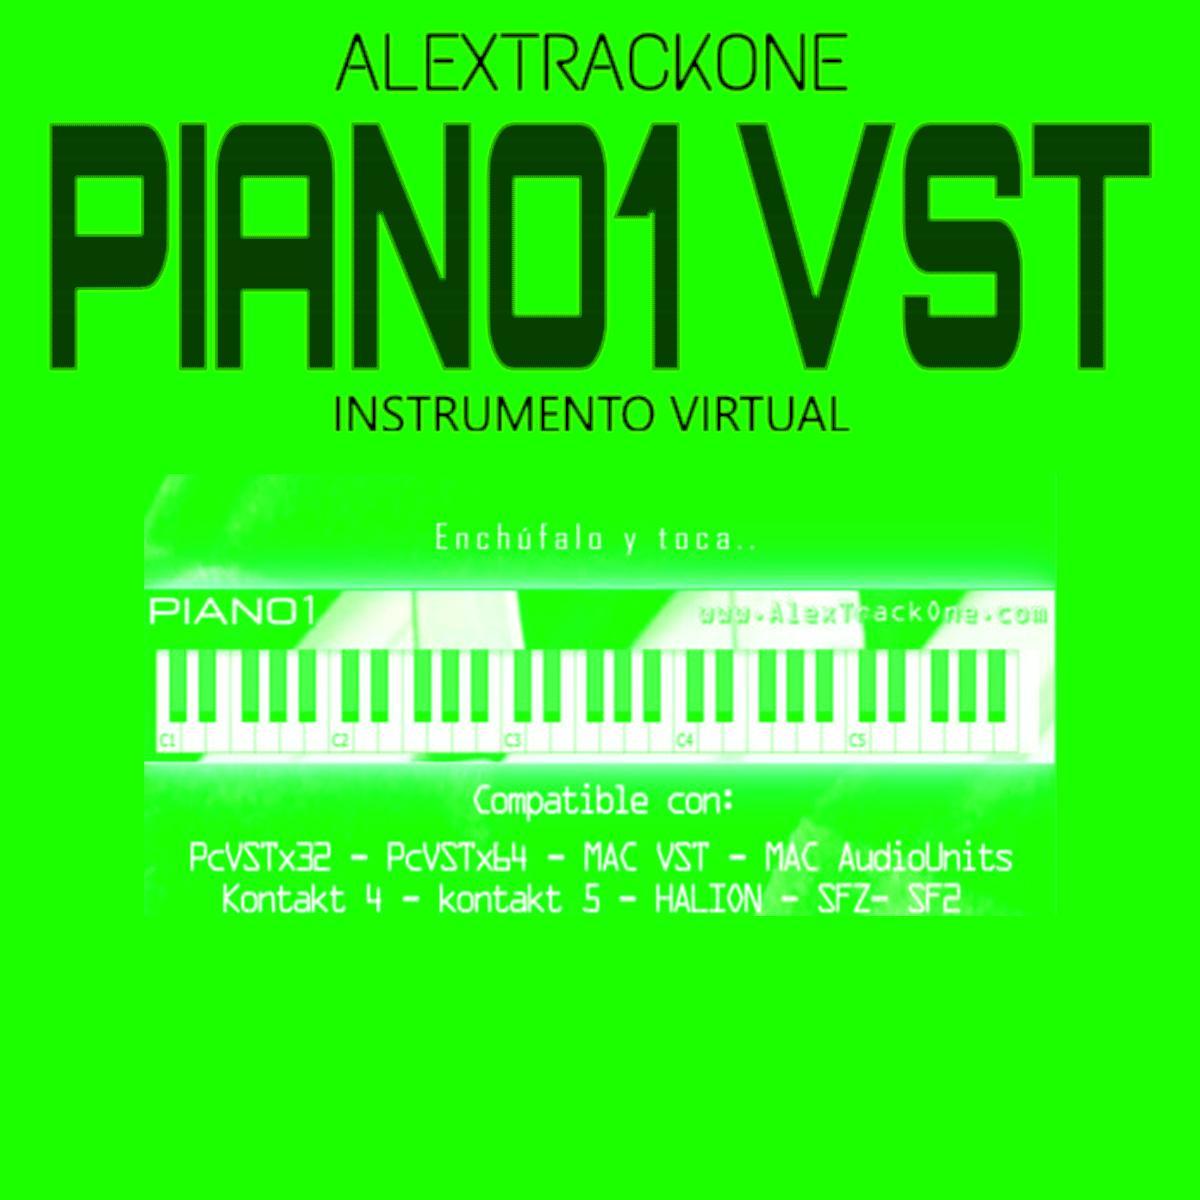 Piano1 VST - Instrumento Virtual PC y MAC